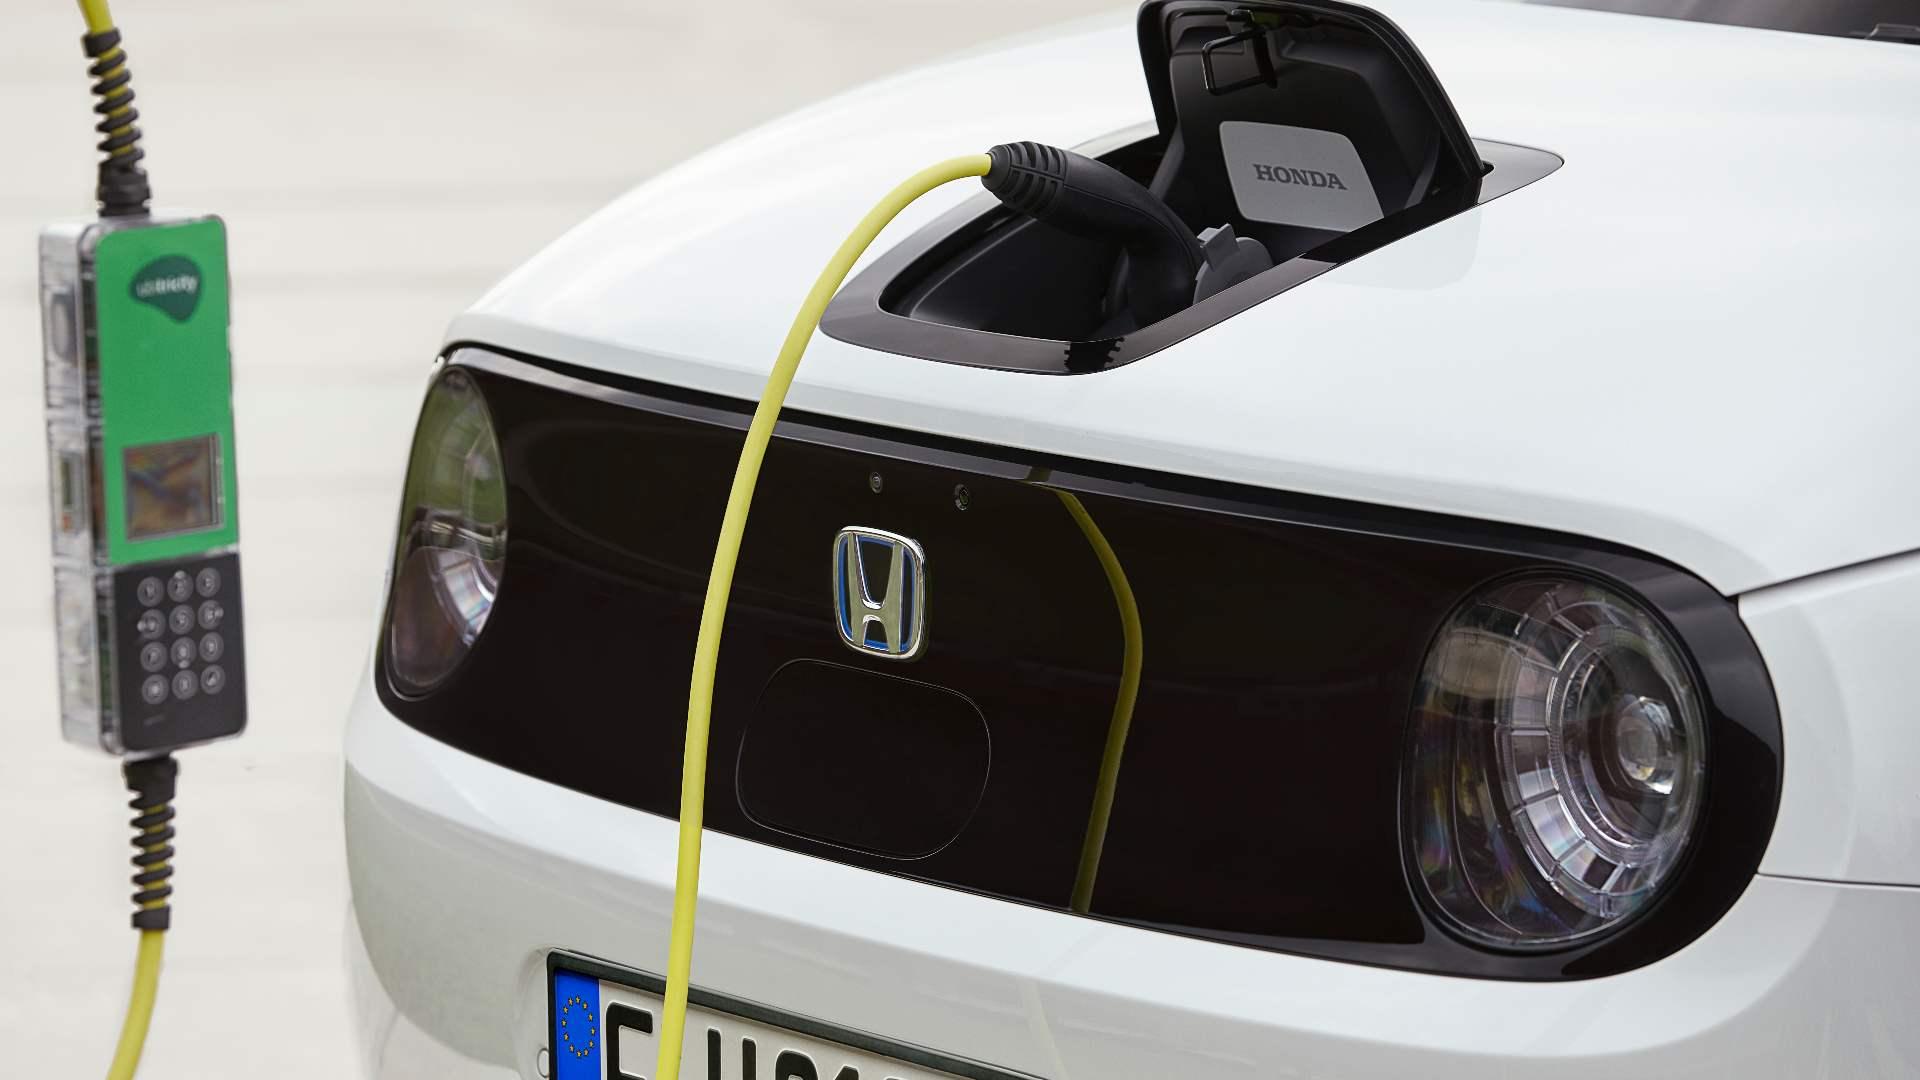 ¿La adopción de vehículos eléctricos se verá afectada por el aumento de los precios mayoristas de la electricidad? - Technology News, Firstpost